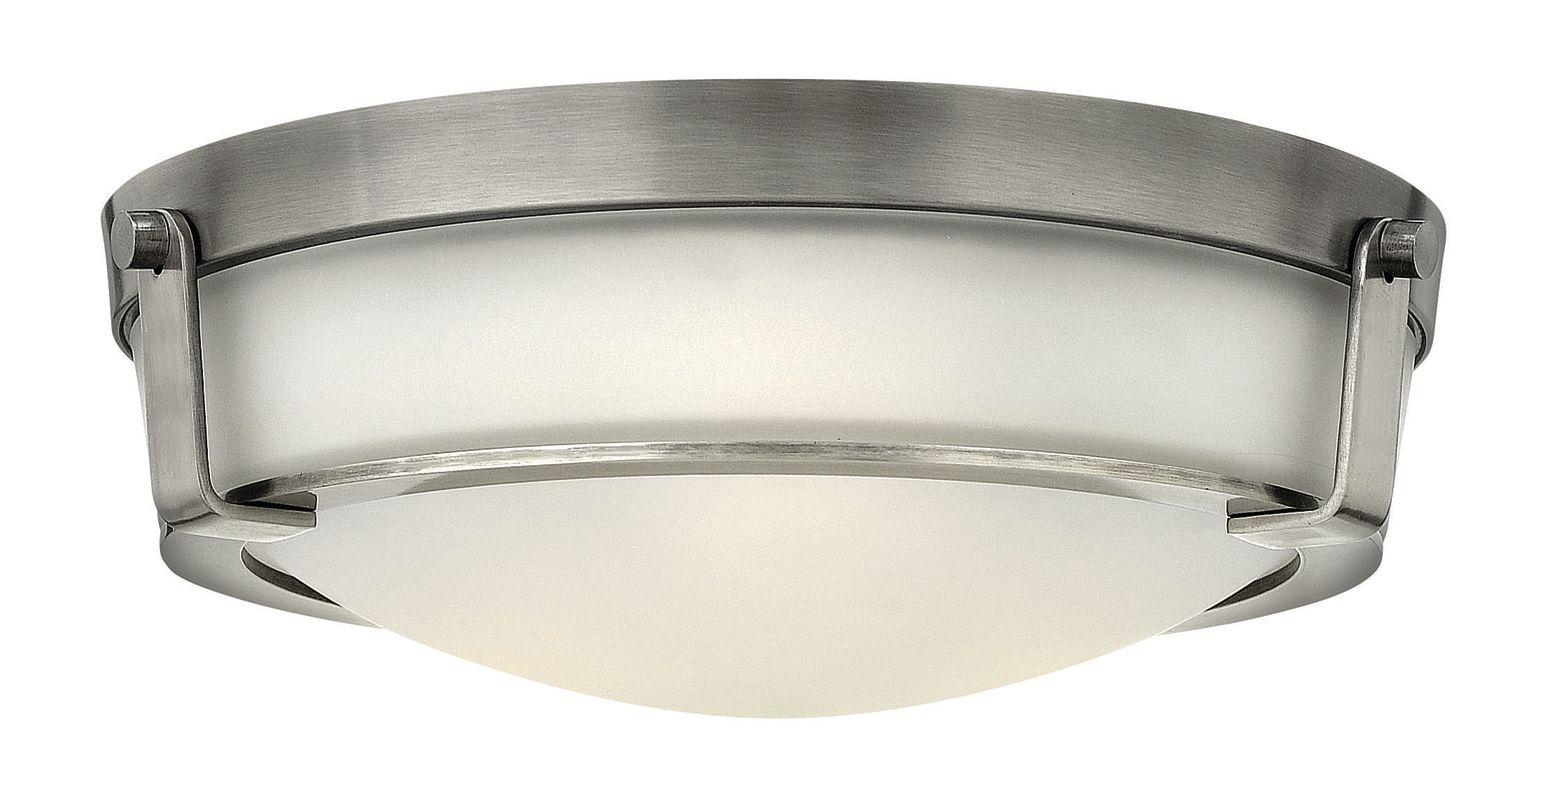 Hinkley Lighting 3225 3 Light Flush Mount Ceiling Fixture from the Sale $279.00 ITEM#: 2493708 MODEL# :3225AN UPC#: 640665322514 :